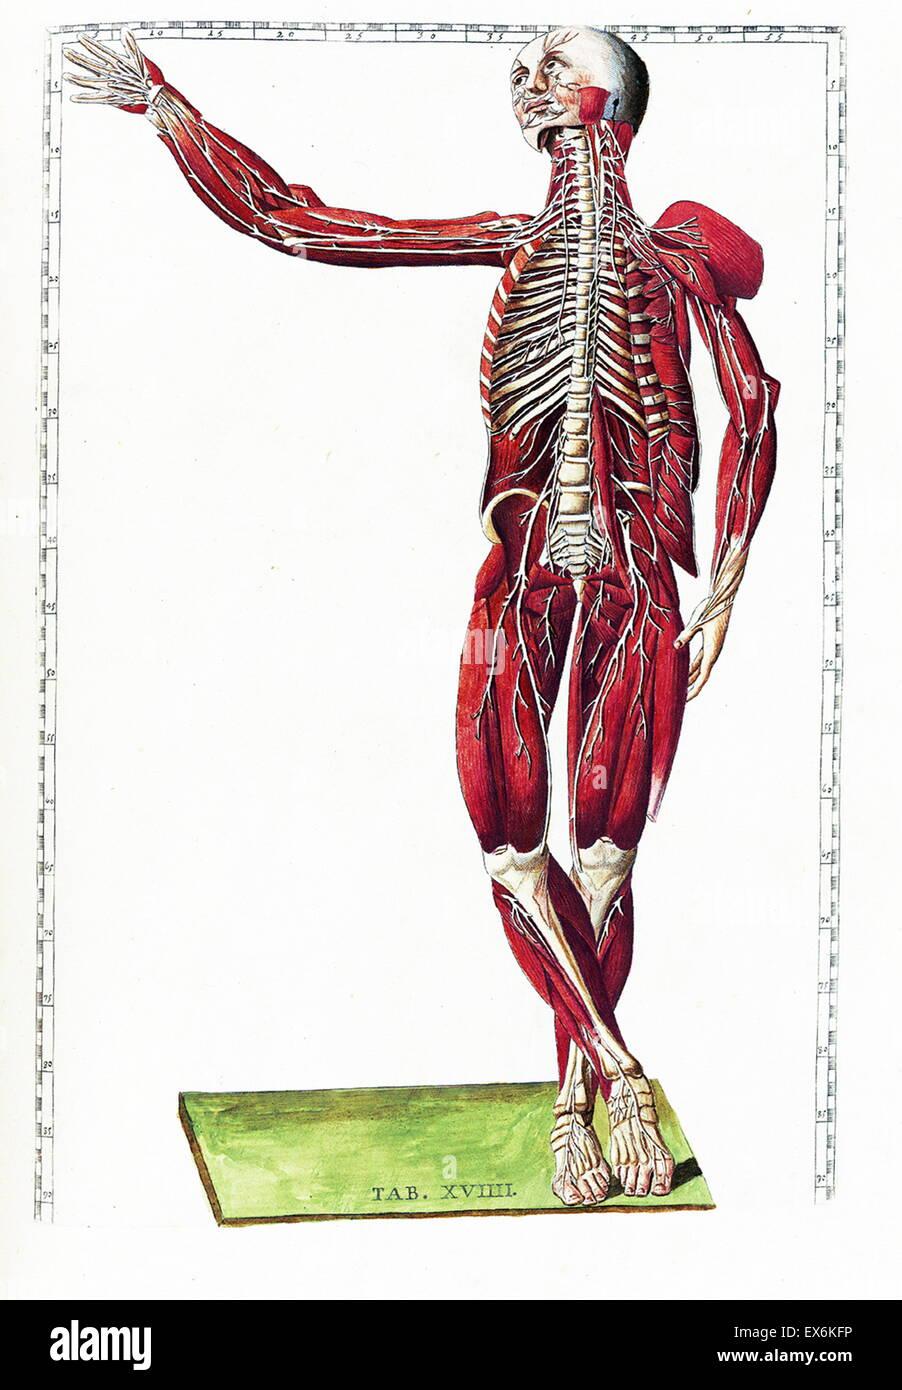 Nett Anatomie Des Menschen Karrieren Ideen - Anatomie Von ...